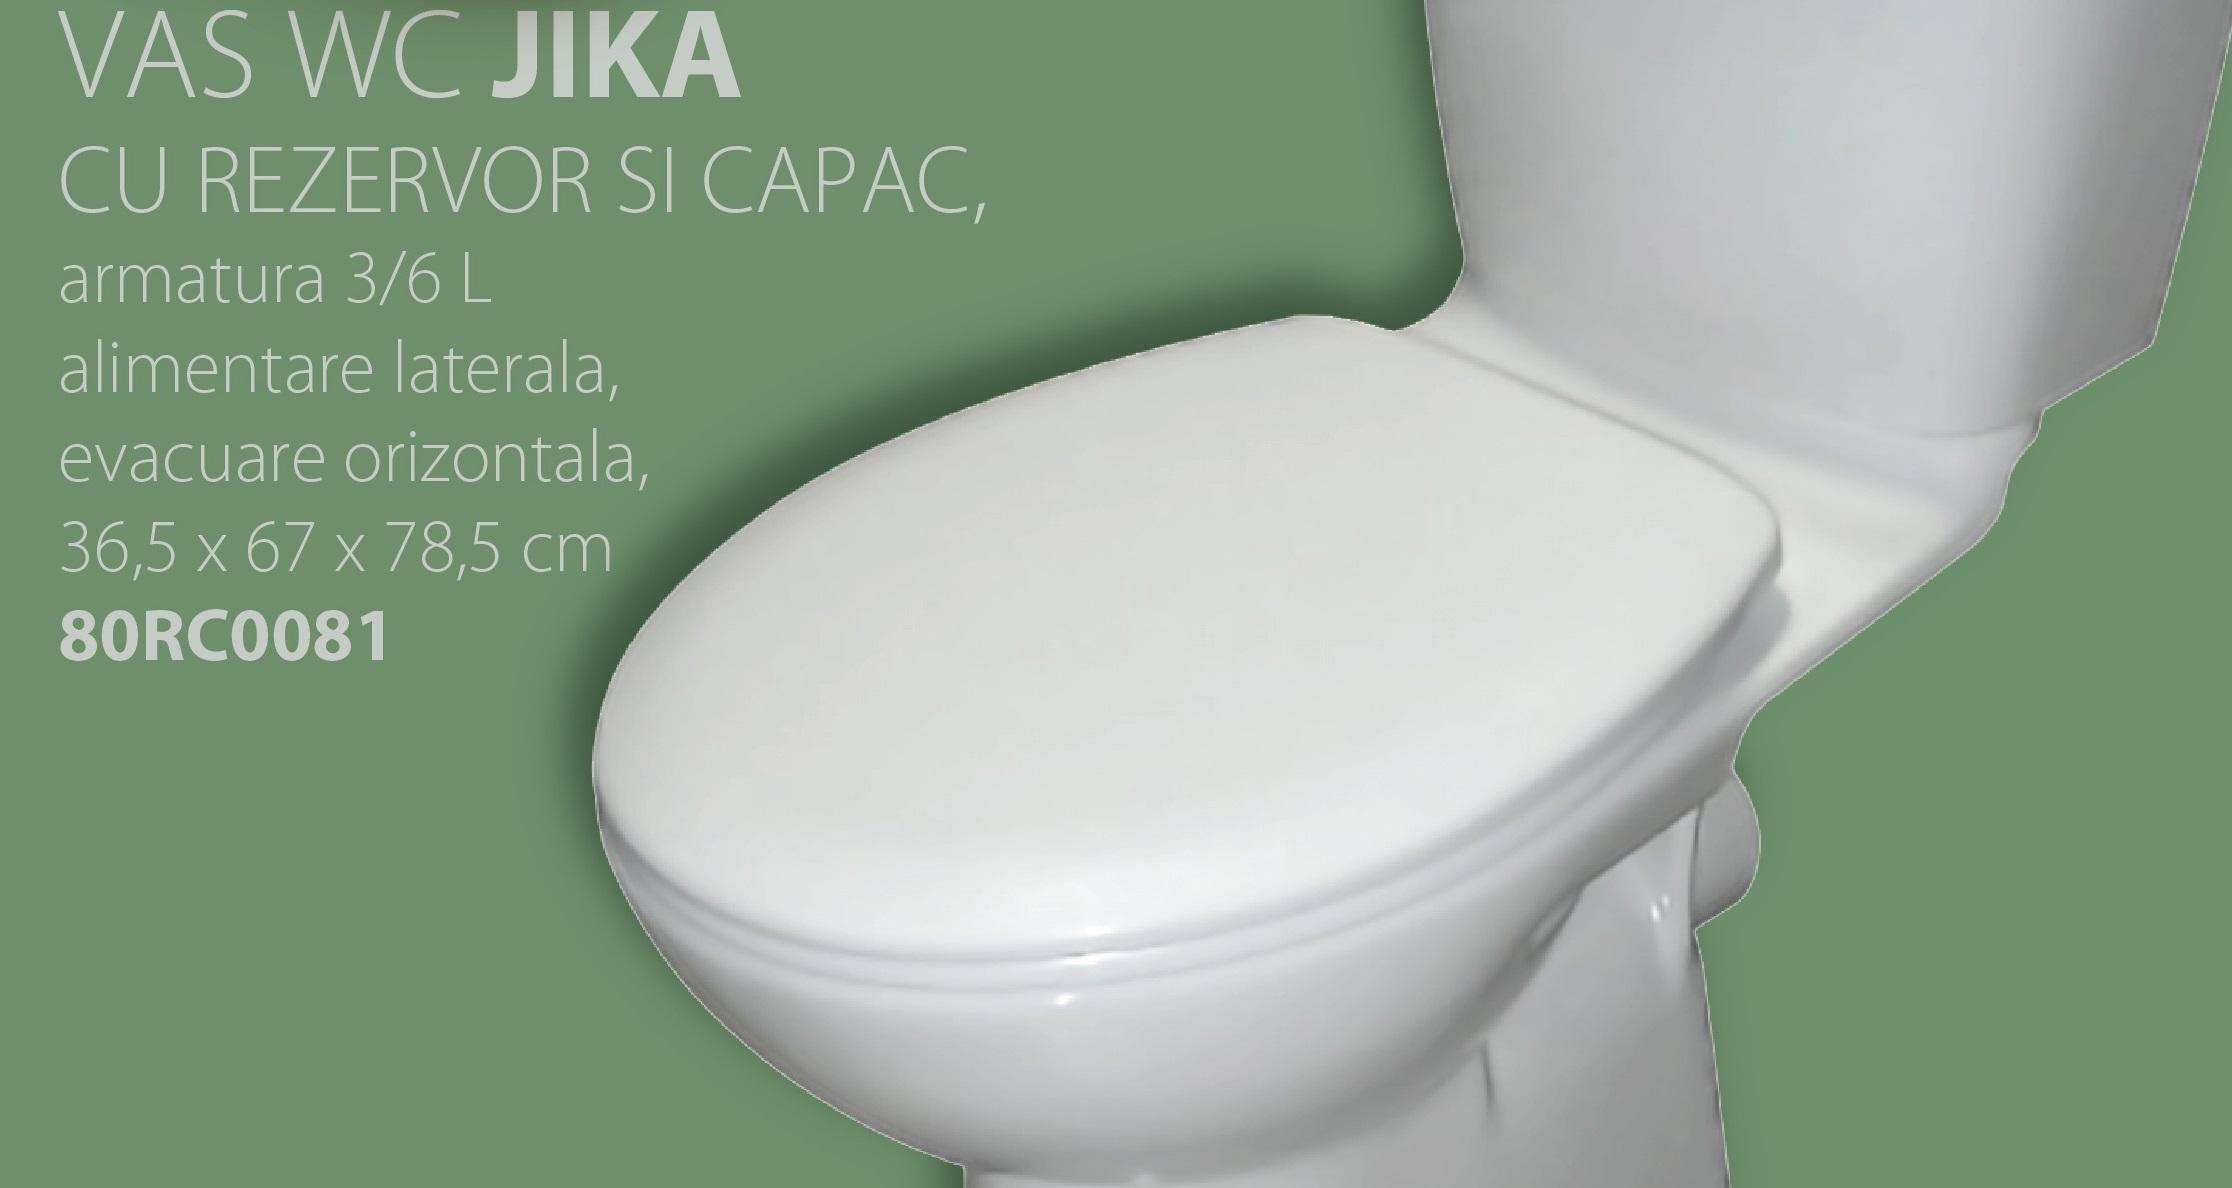 VAS-WC-JIKA